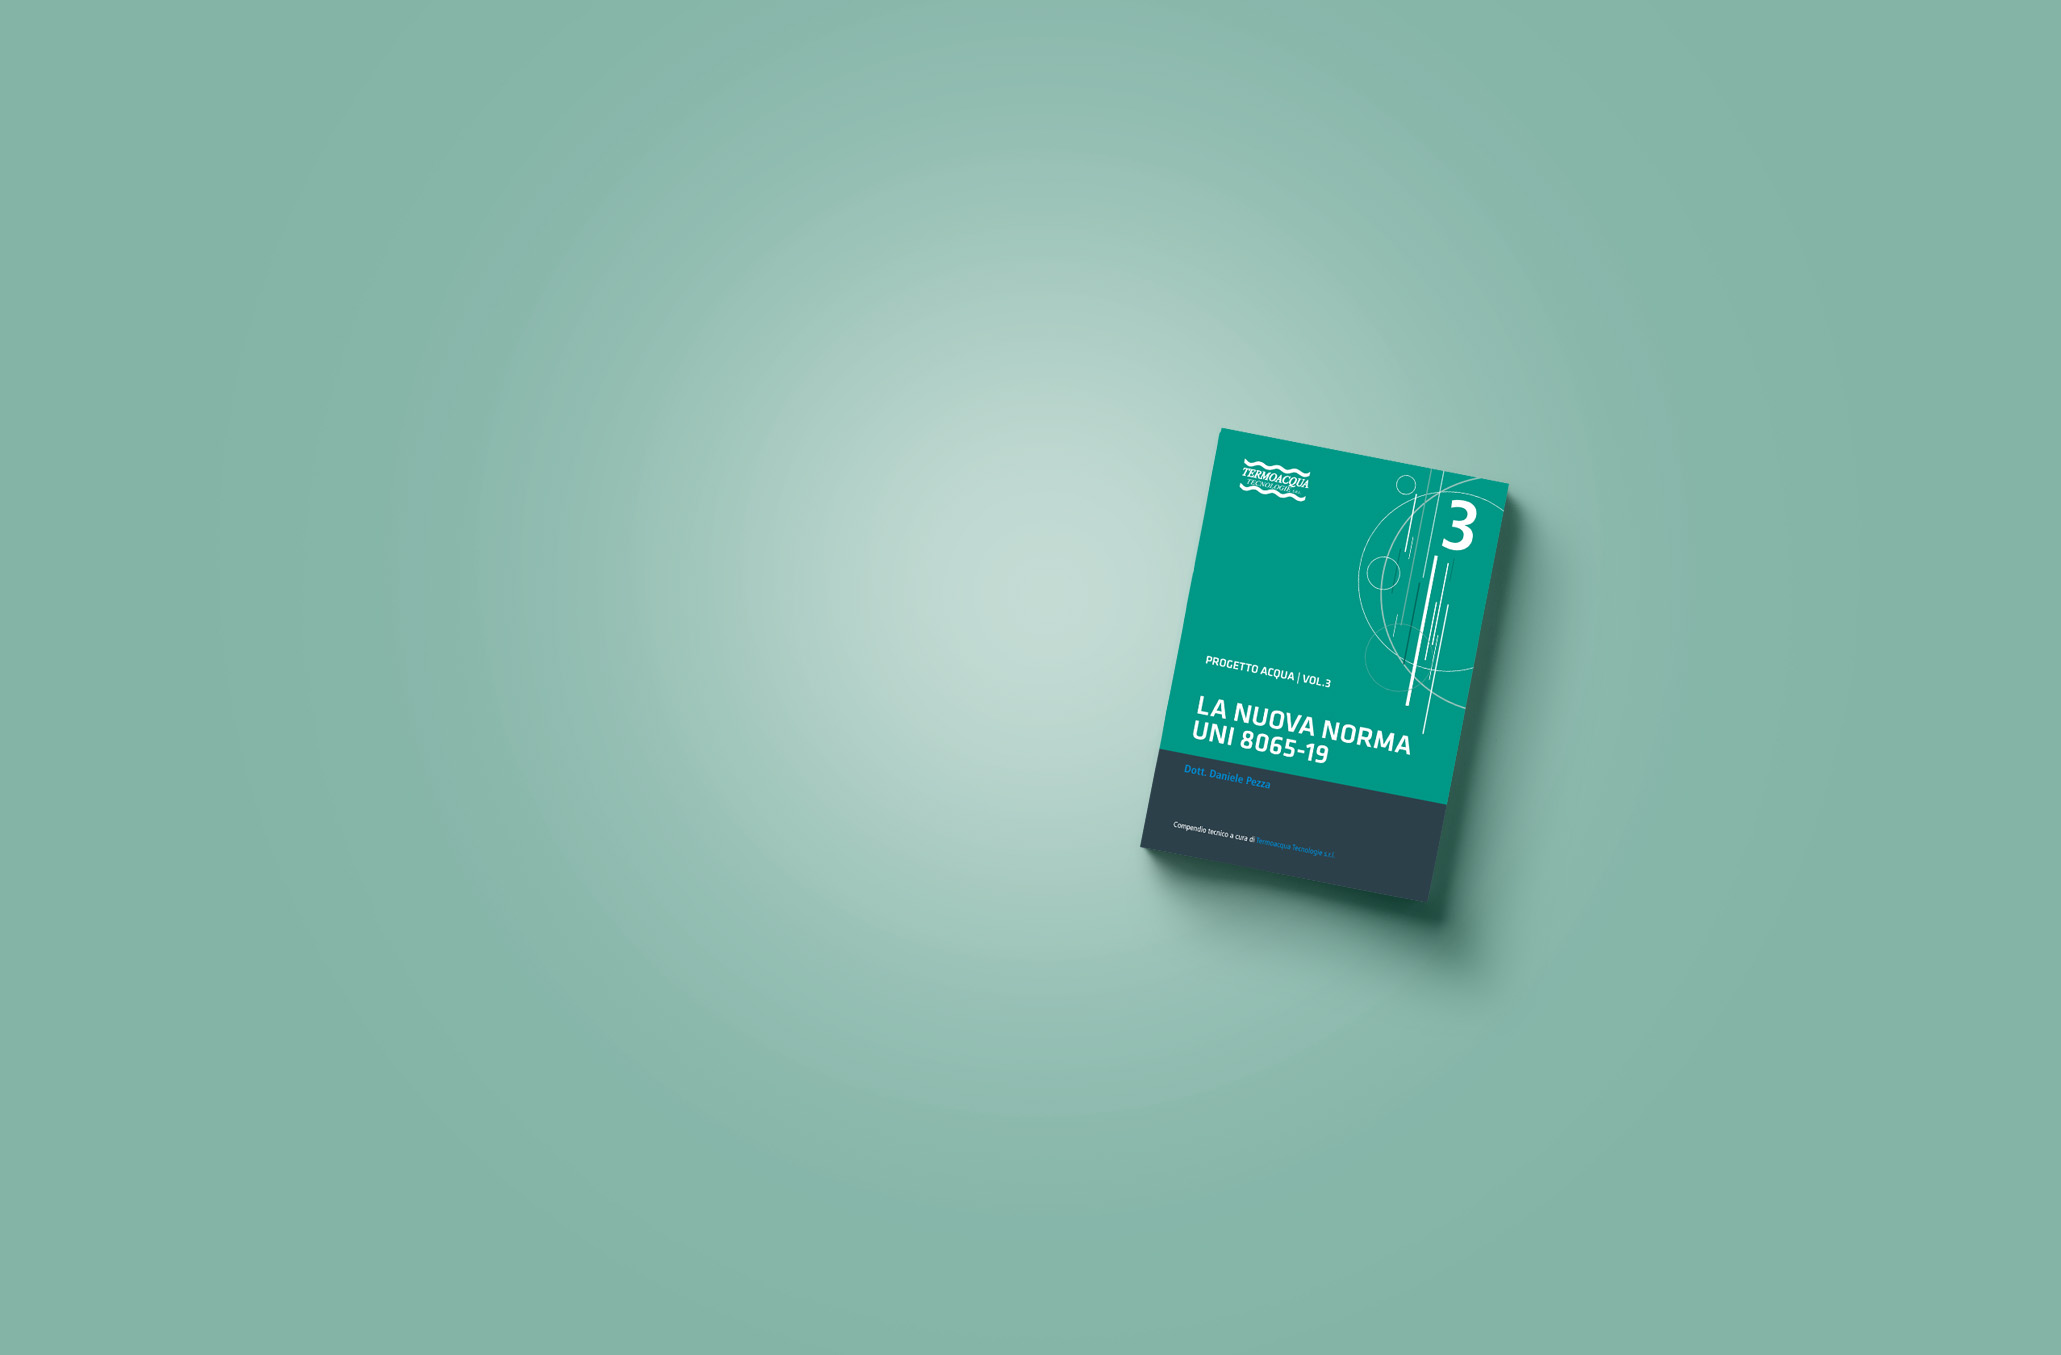 News-Libro-3